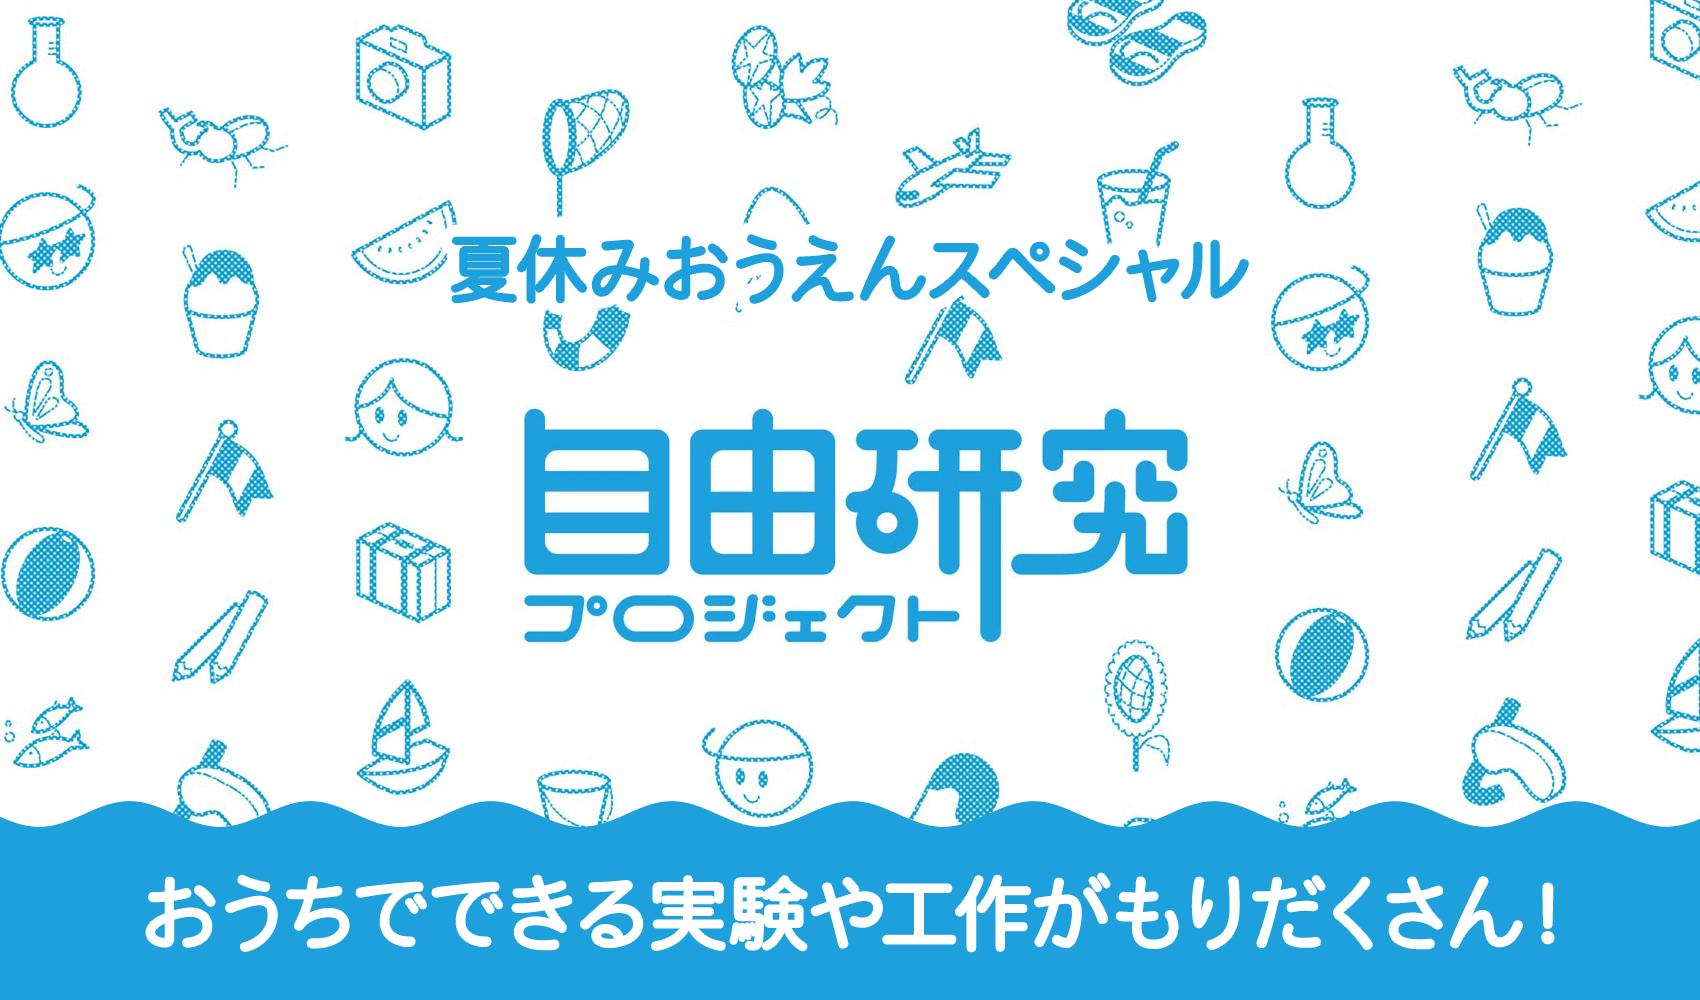 夏休みおうえんスペシャル自由研究プロジェクト